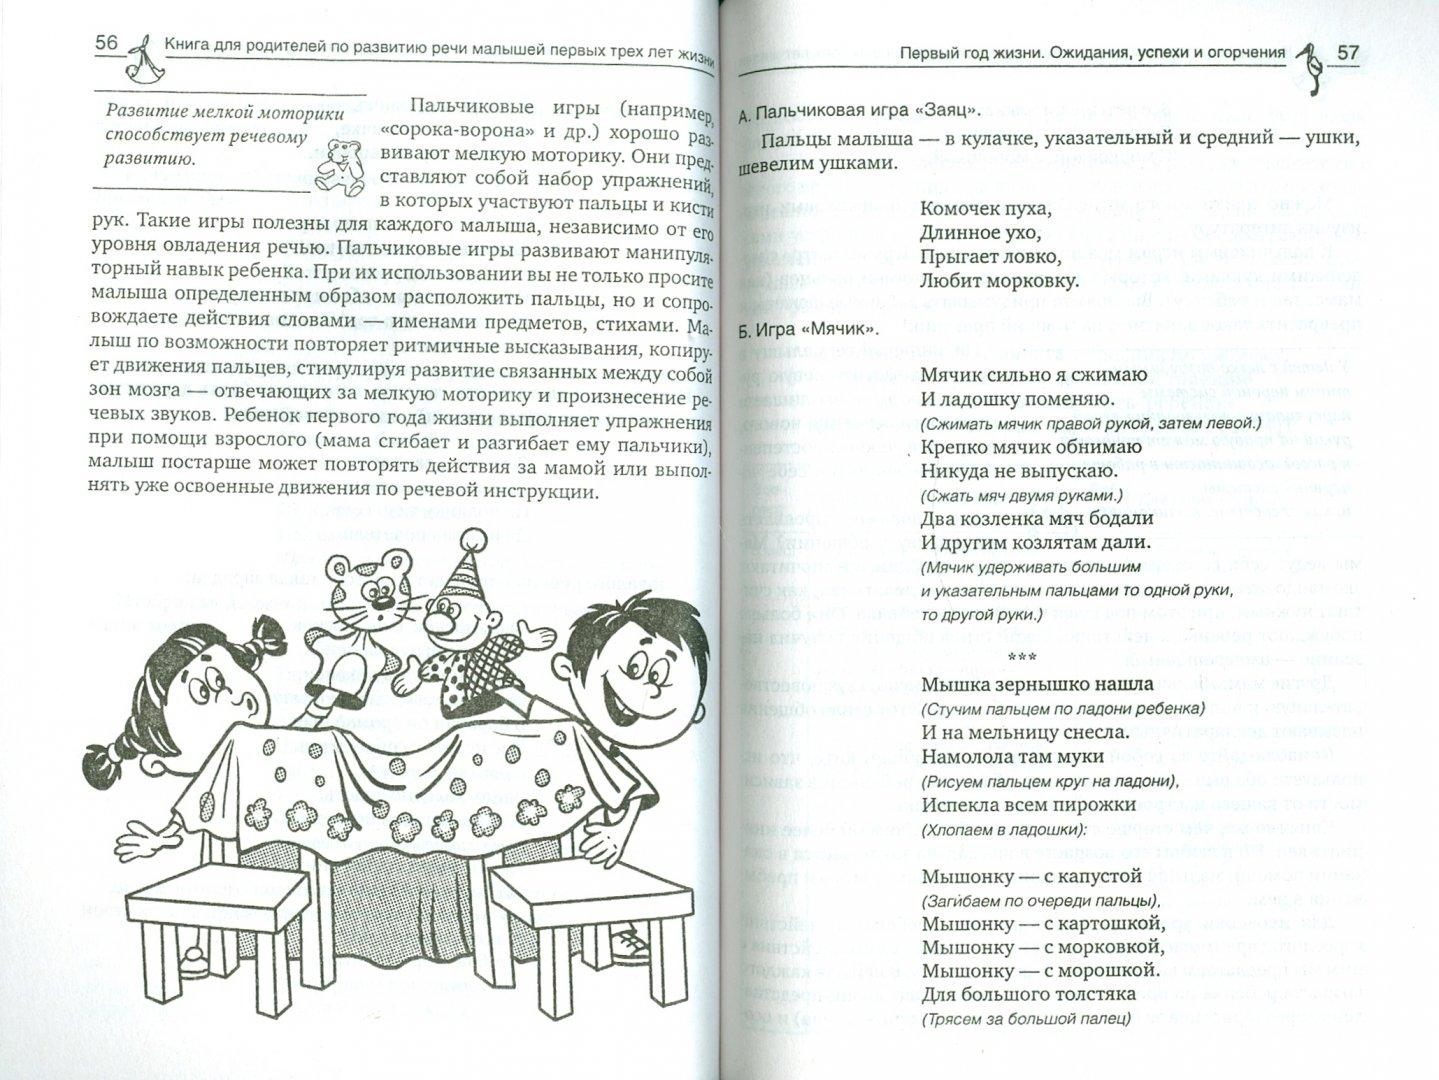 Иллюстрация 1 из 10 для Книга для родителей по развитию речи малышей первых трех лет жизни - Ляксо, Фролова | Лабиринт - книги. Источник: Лабиринт